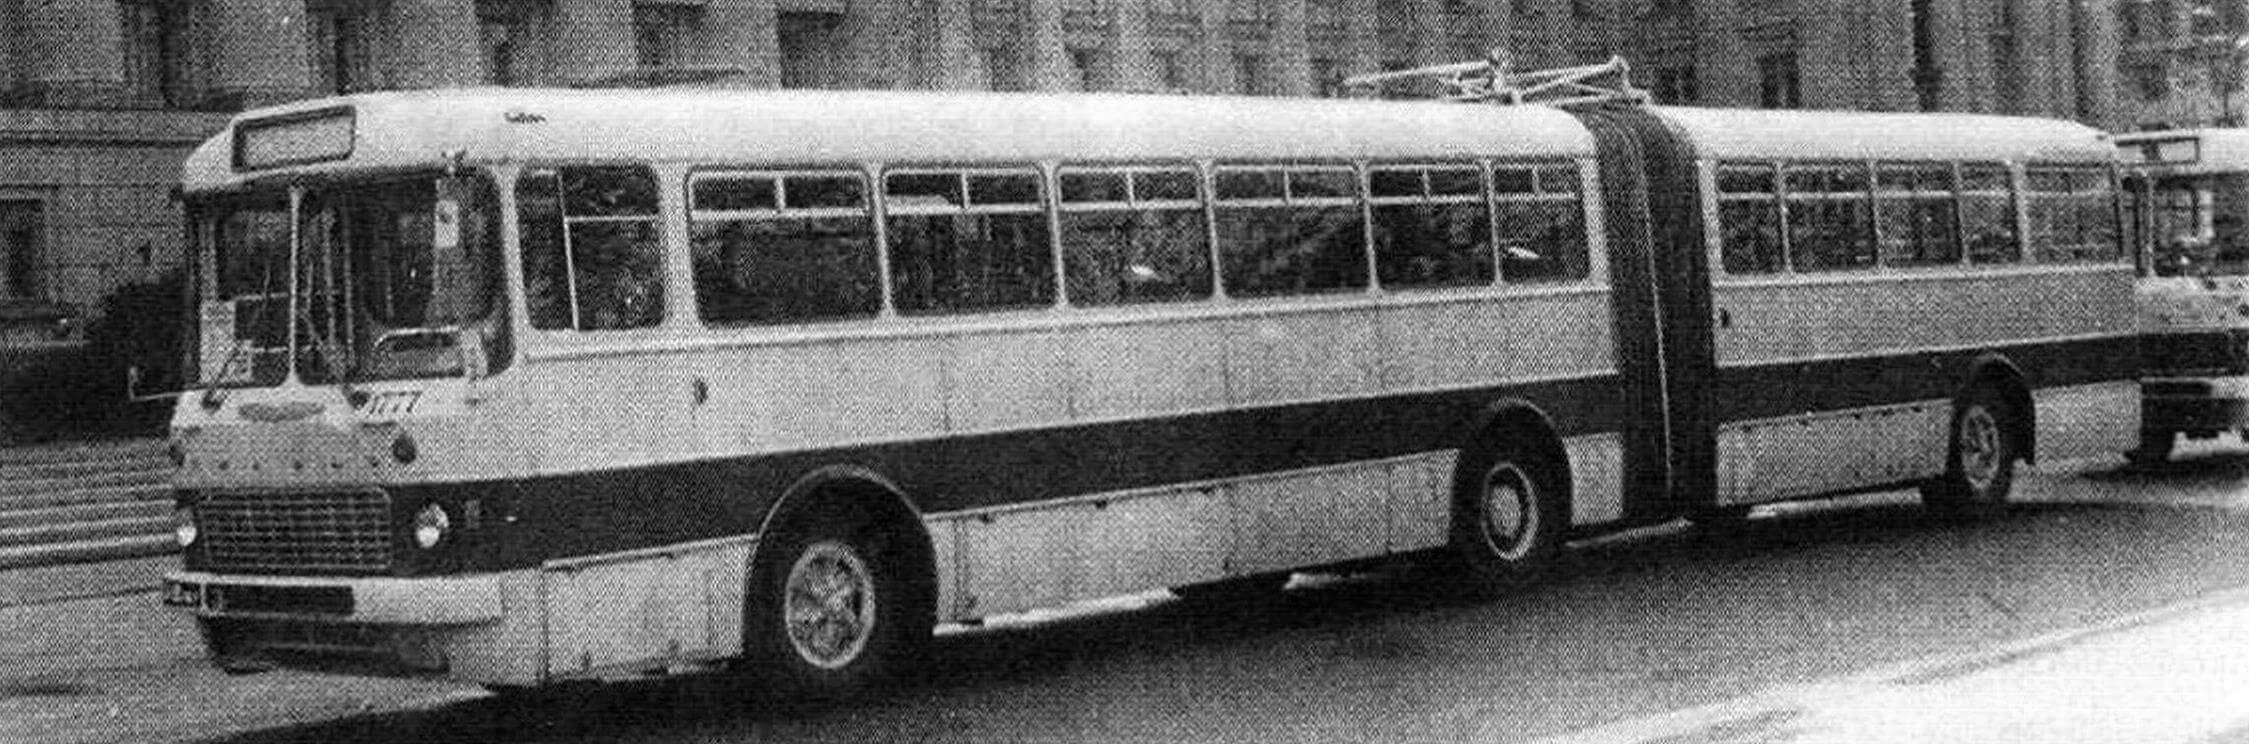 Автобус Икарус-180. Ленинград, 1972 год (фото Ю. Грозмани)